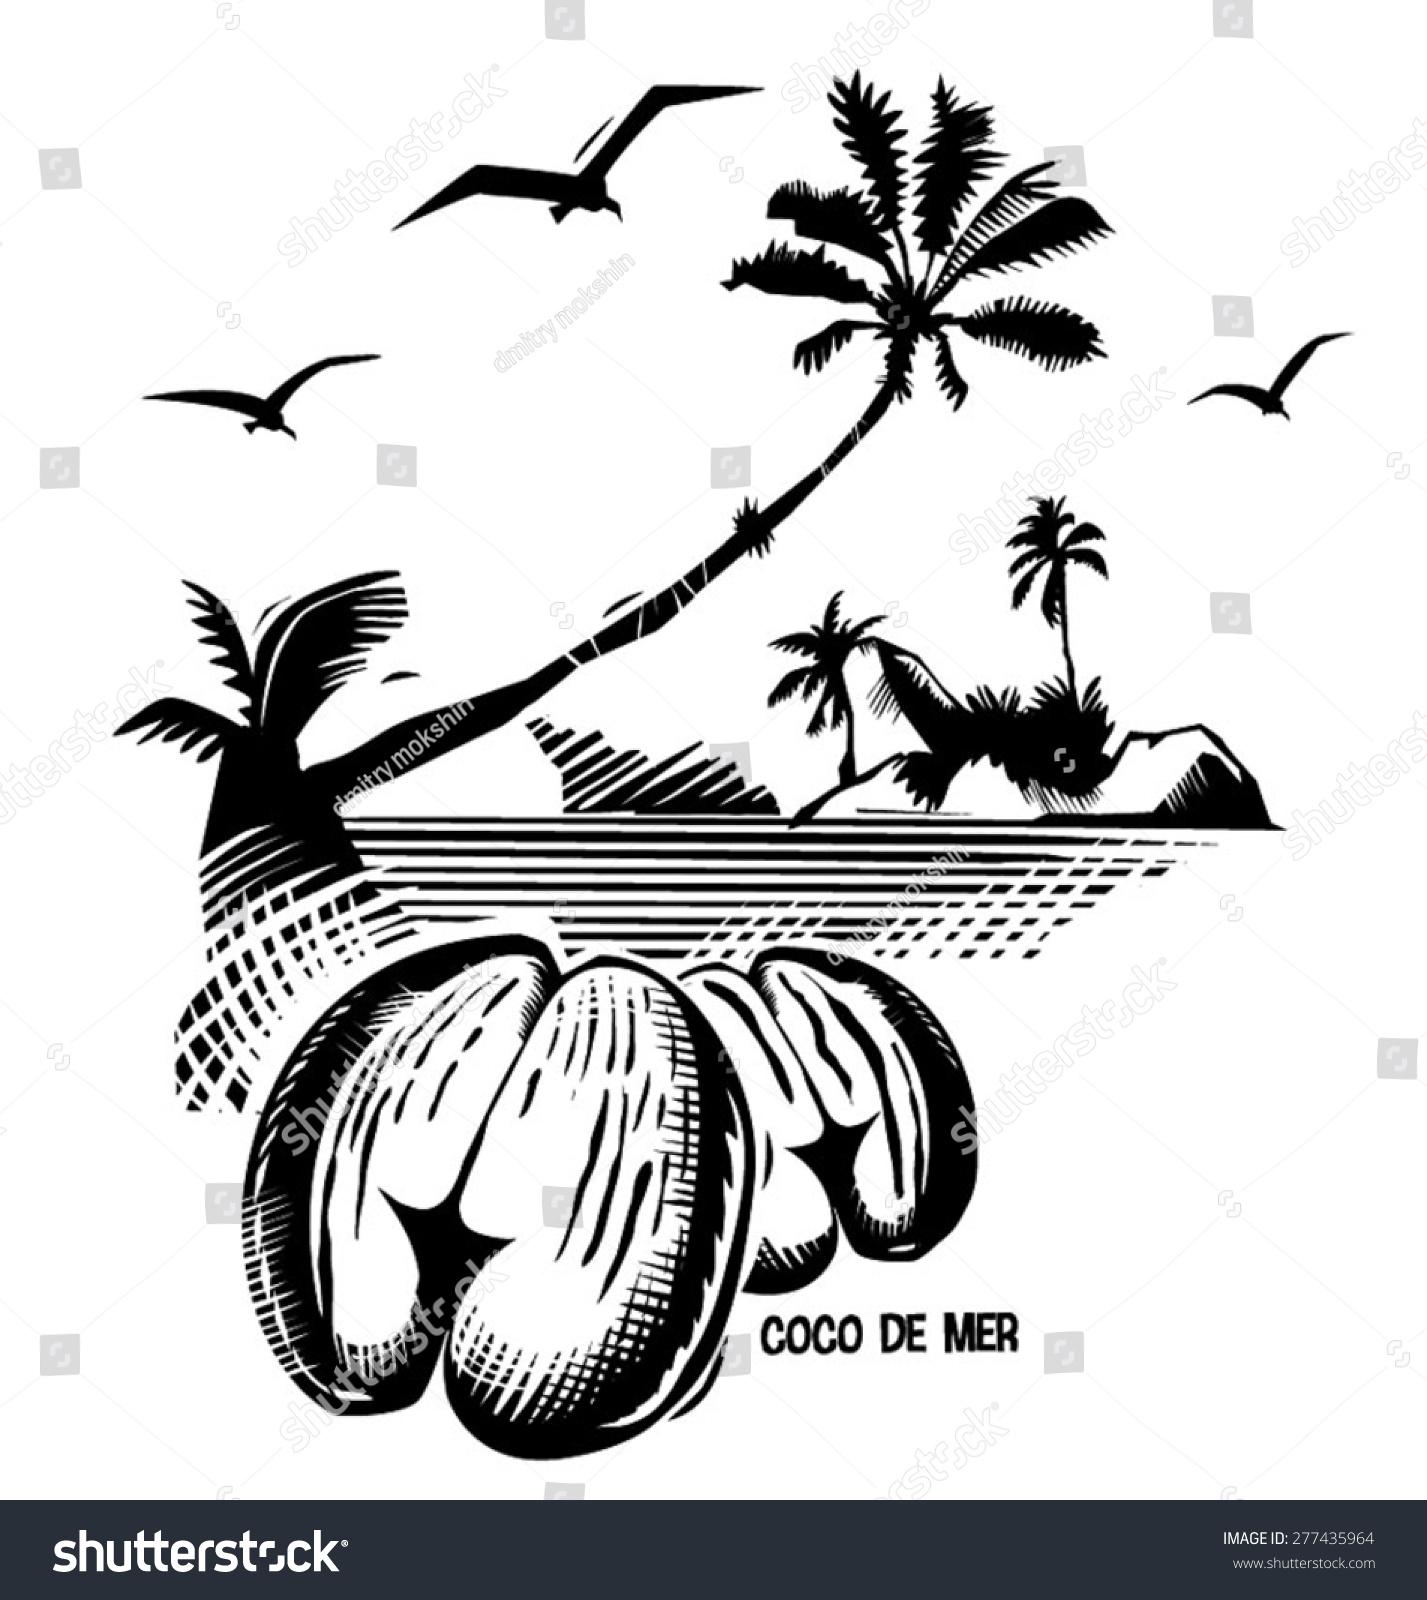 数字雕刻-黑白矢量线条画双椰子(塞舌尔螺母)-自然